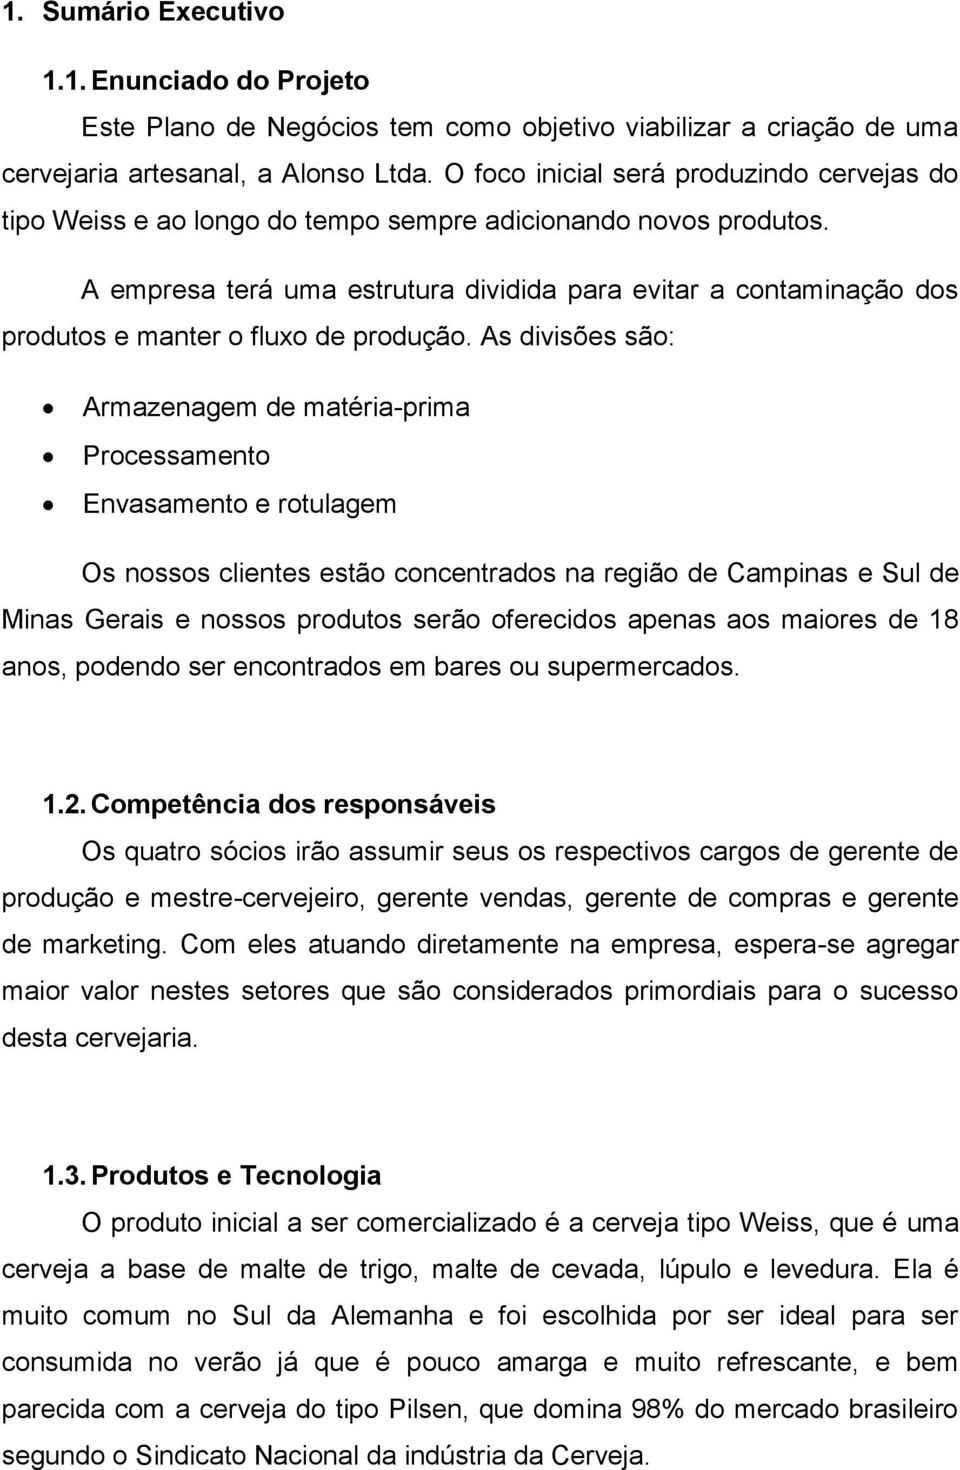 Exemplo de resumo executivo do plano de negócios de microcervejaria